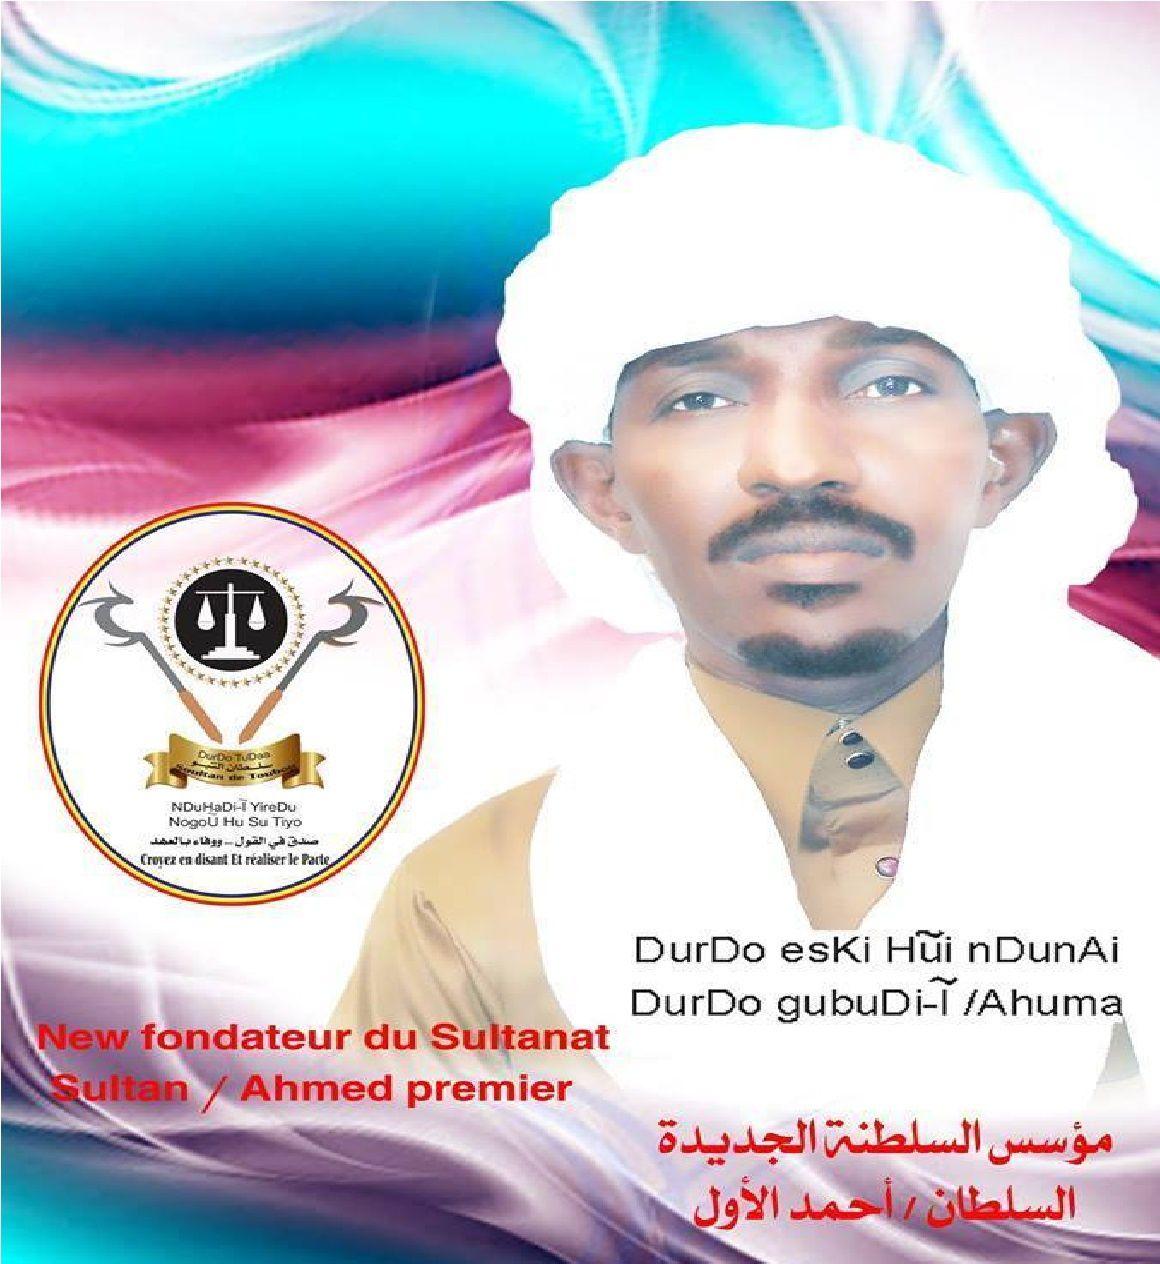 M.Ahmat Houkami désigné sultan de la communauté Toubou